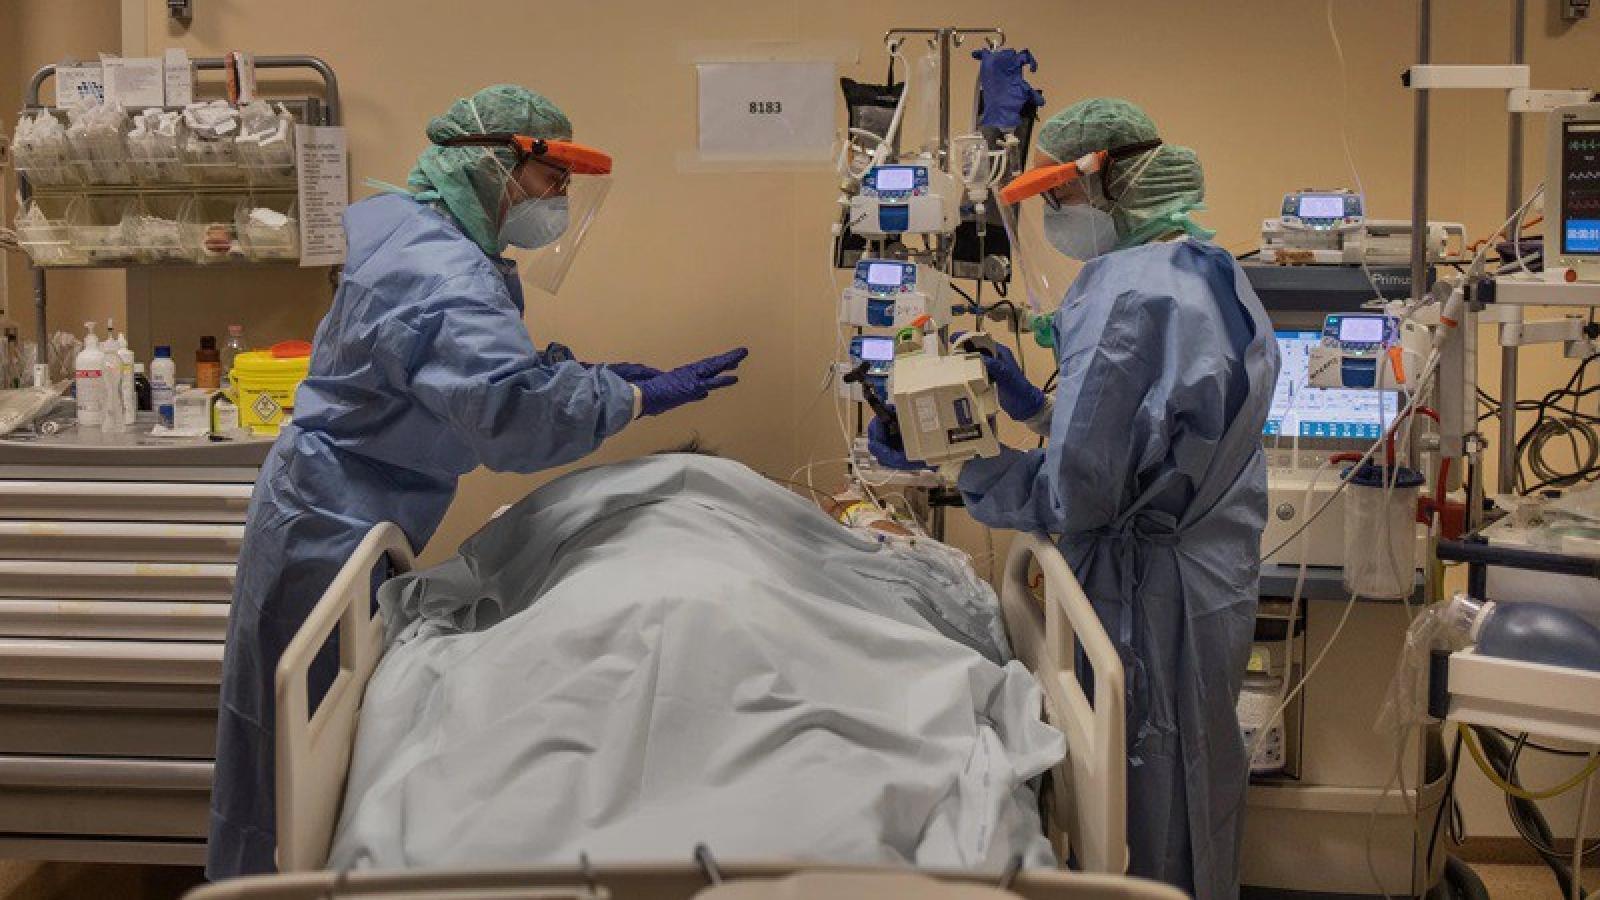 Châu Âu và Mỹ cảnh báo viêm mạch máu cấp tính ở trẻ em có thể do Covid-19